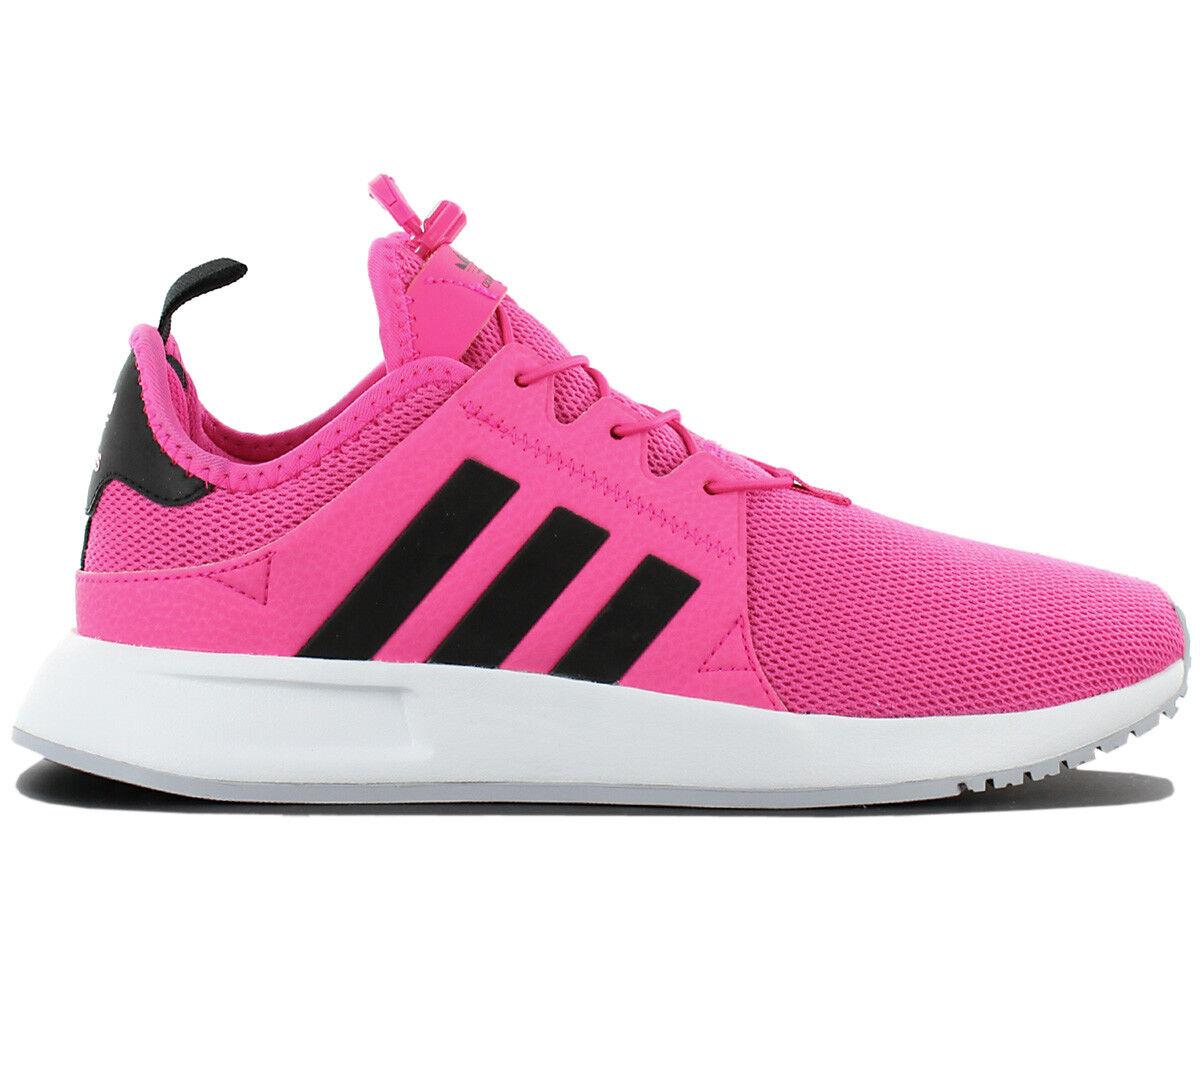 Zapatos promocionales para hombres y mujeres Adidas Originals X PLR Zapatillas deportivas para mujer Rosa ocio bb1108 NUEVO